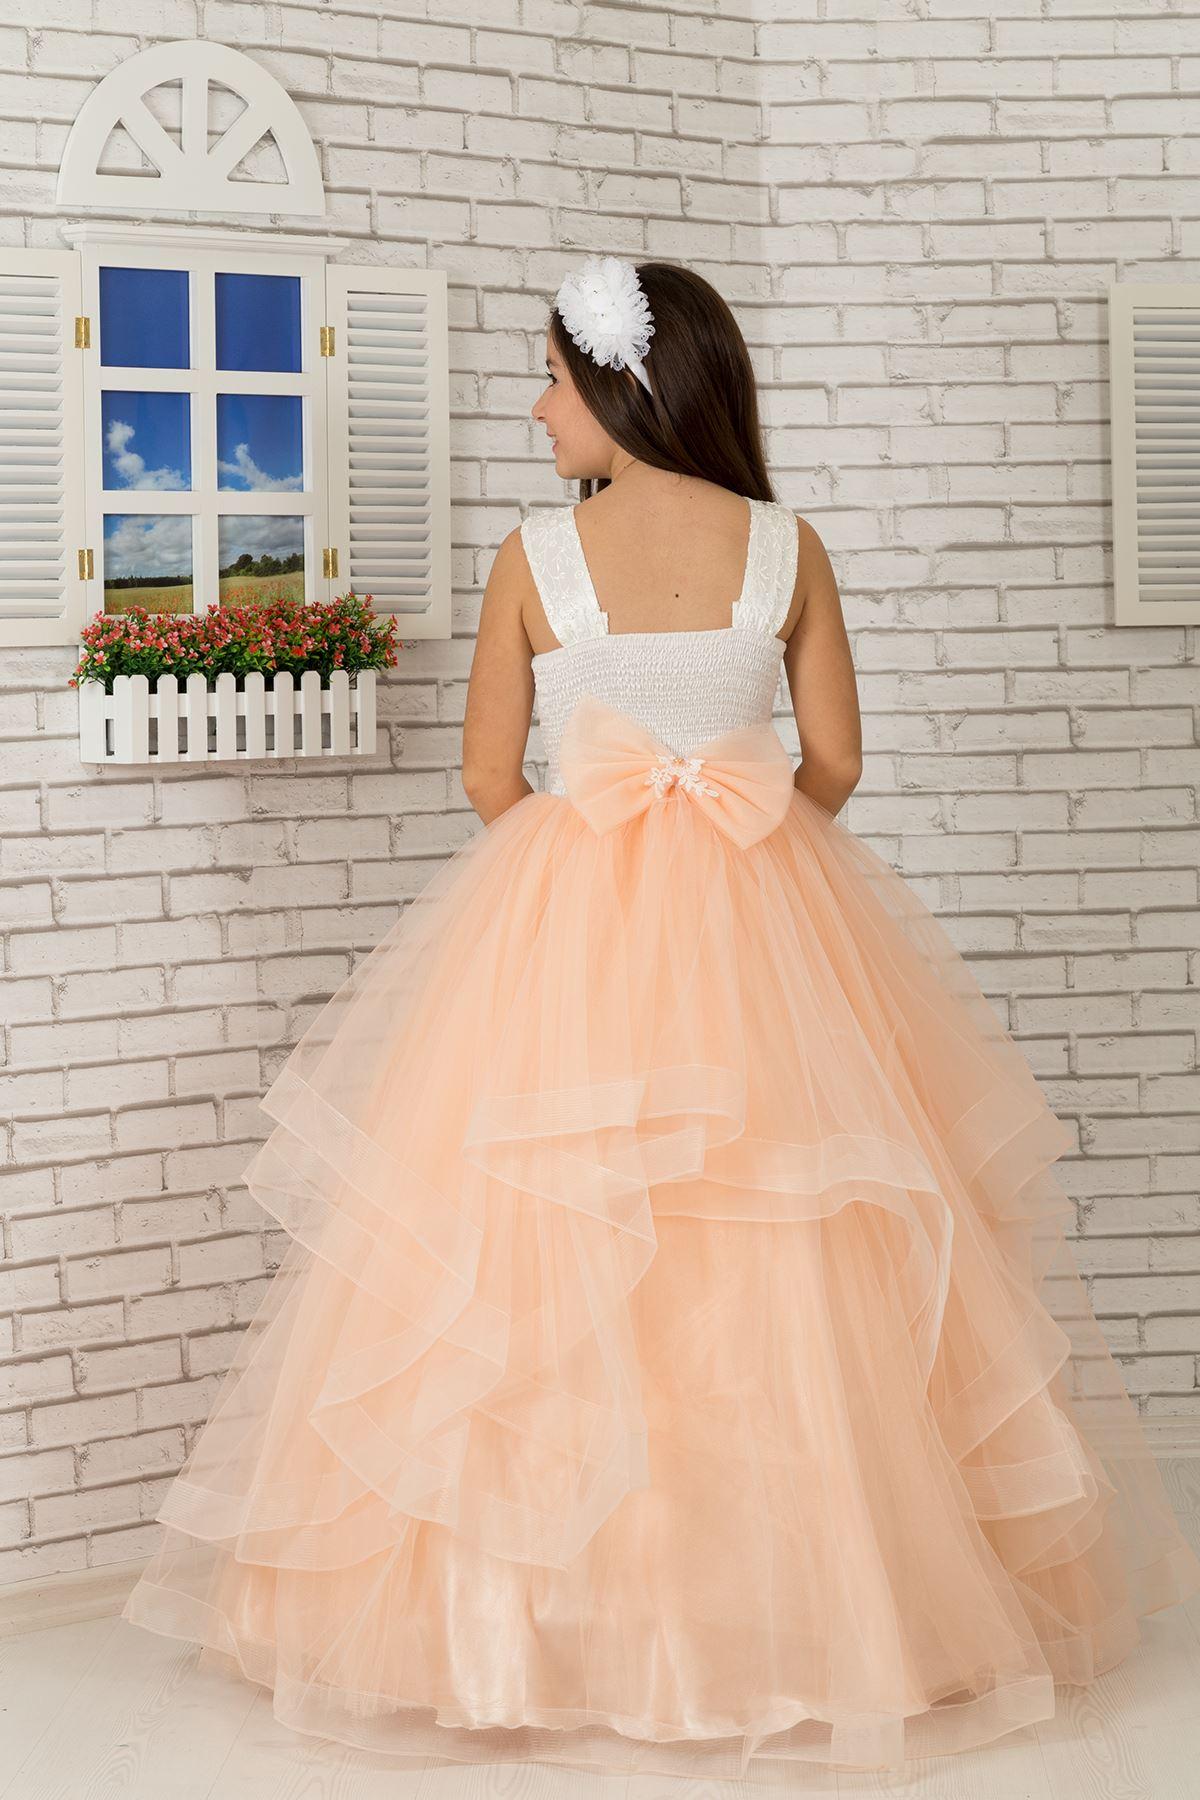 刺繍アップリケ、腰の花の詳細、チュールふわふわ女の子のイブニングドレス607サーモン